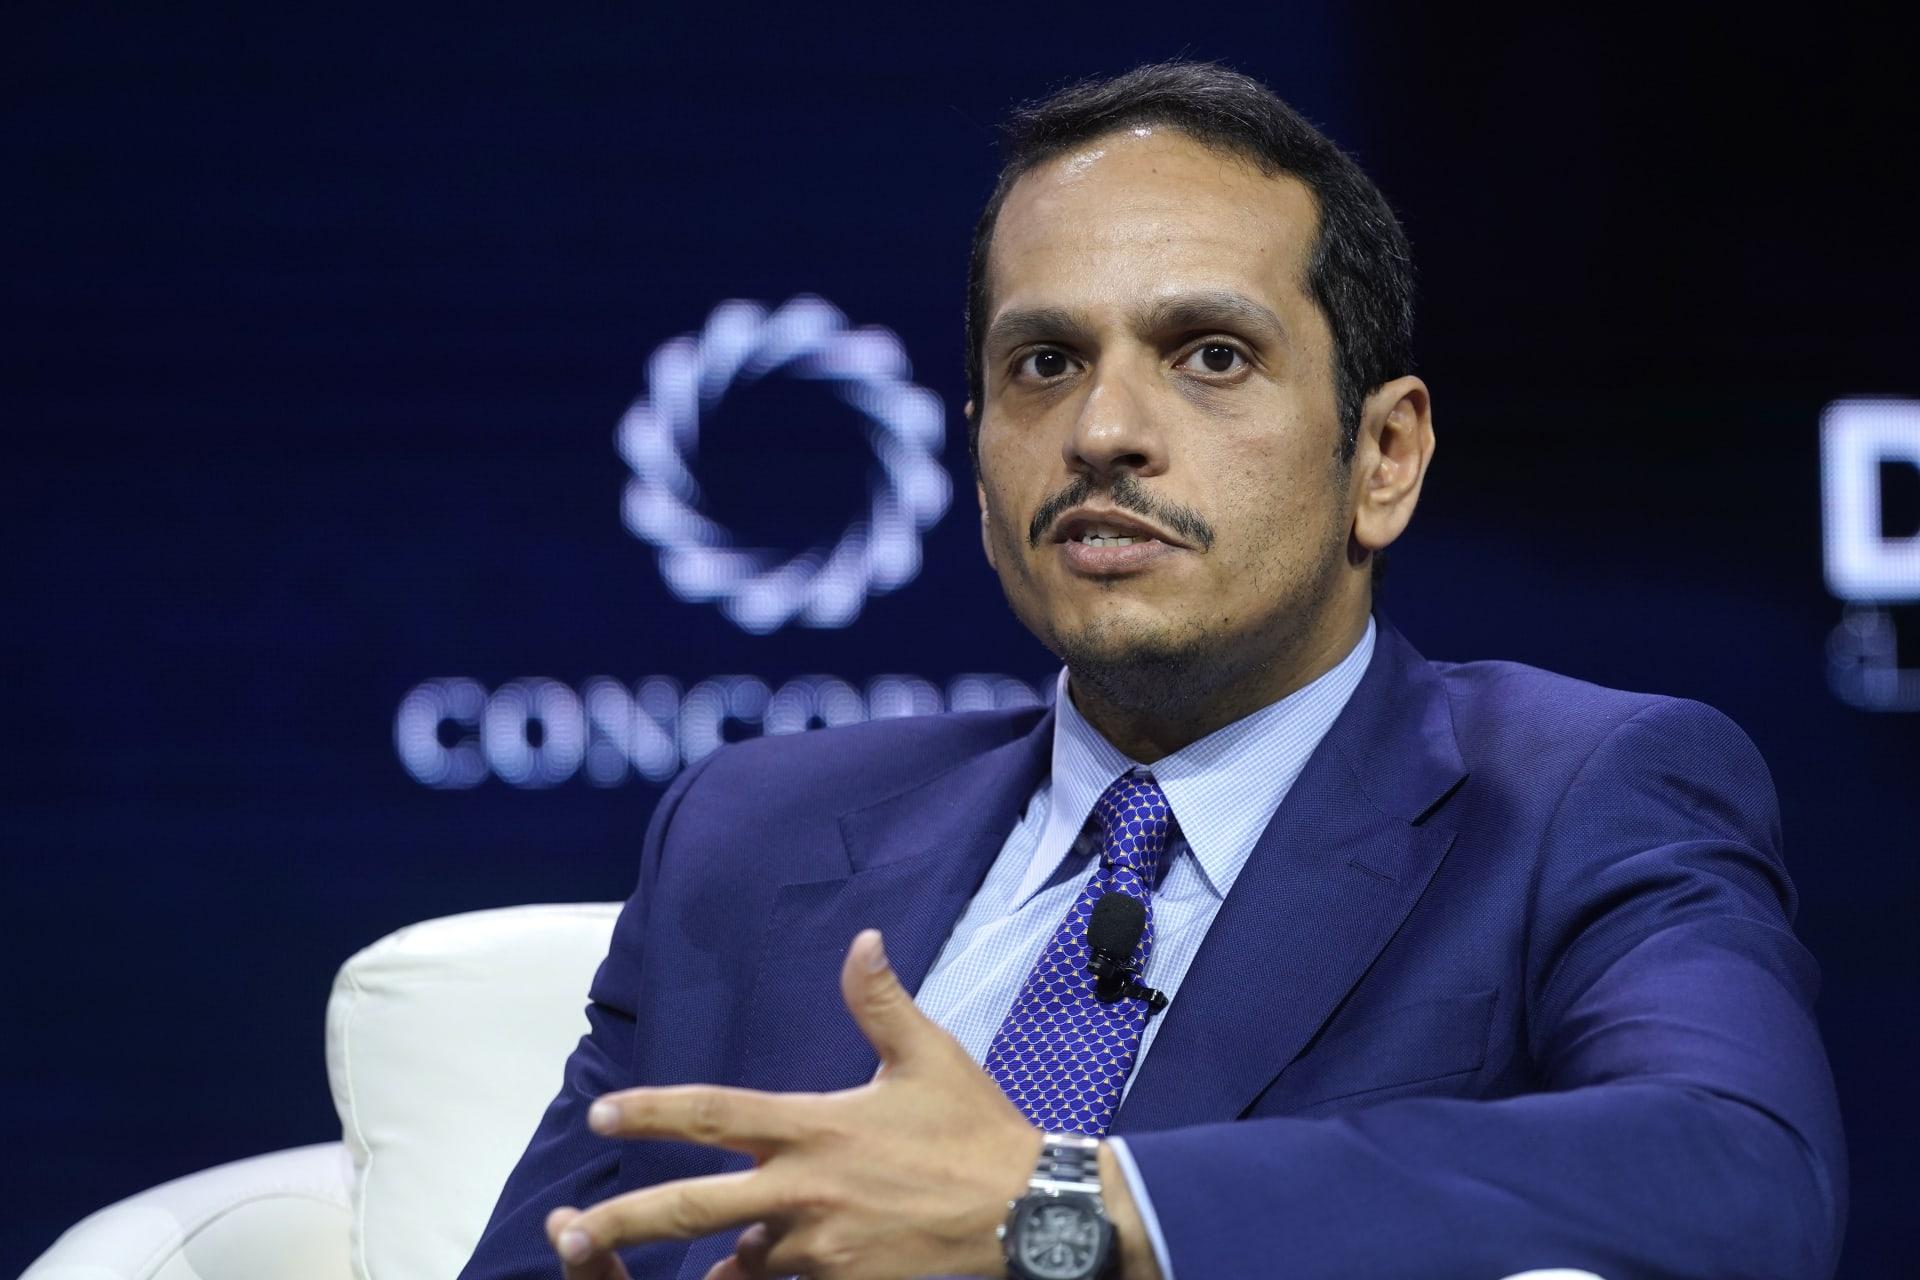 وزير الخارجية القطري، الشيخ محمد بن عبدالرحمن آل ثاني